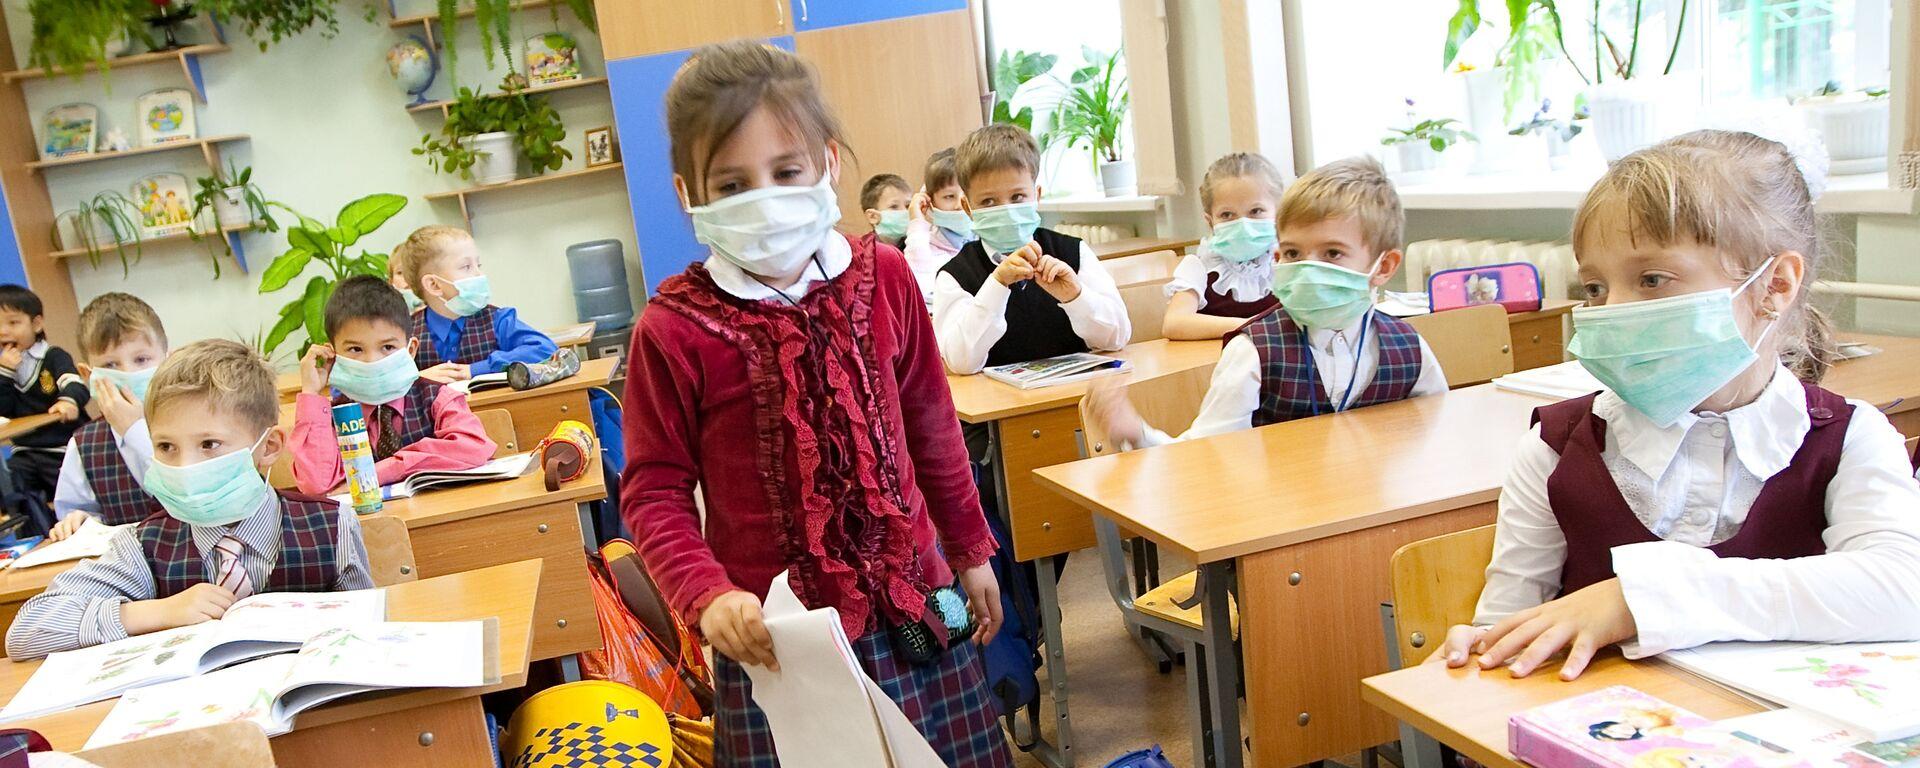 Школьники младших классов в защитных масках - Sputnik Латвия, 1920, 16.02.2021